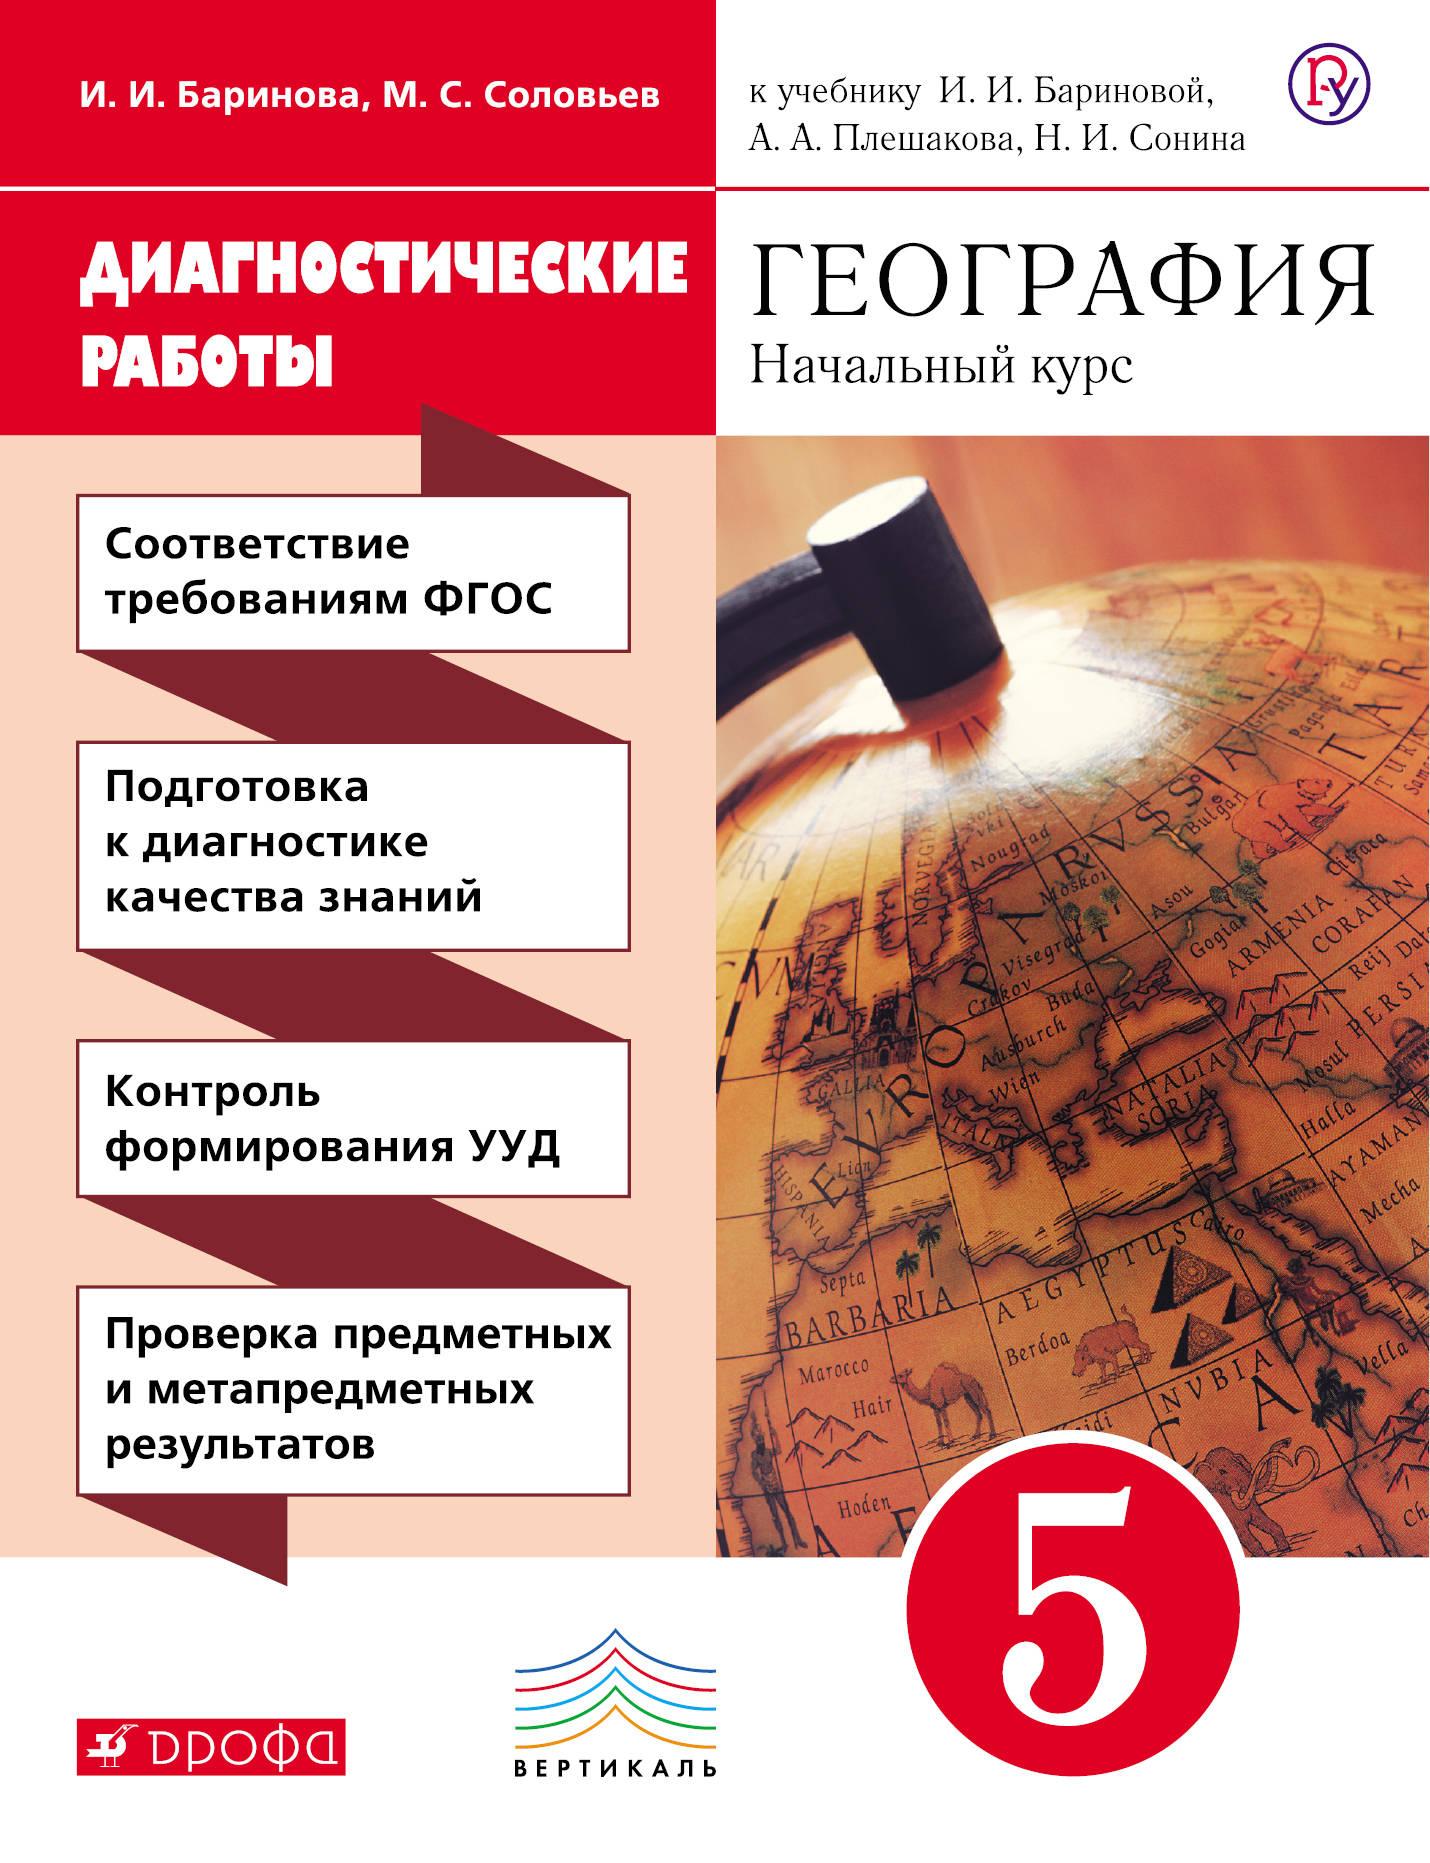 И.И.Баринова, М.С.Соловьев География. Начальный курс. 5 класс научная литература по географии